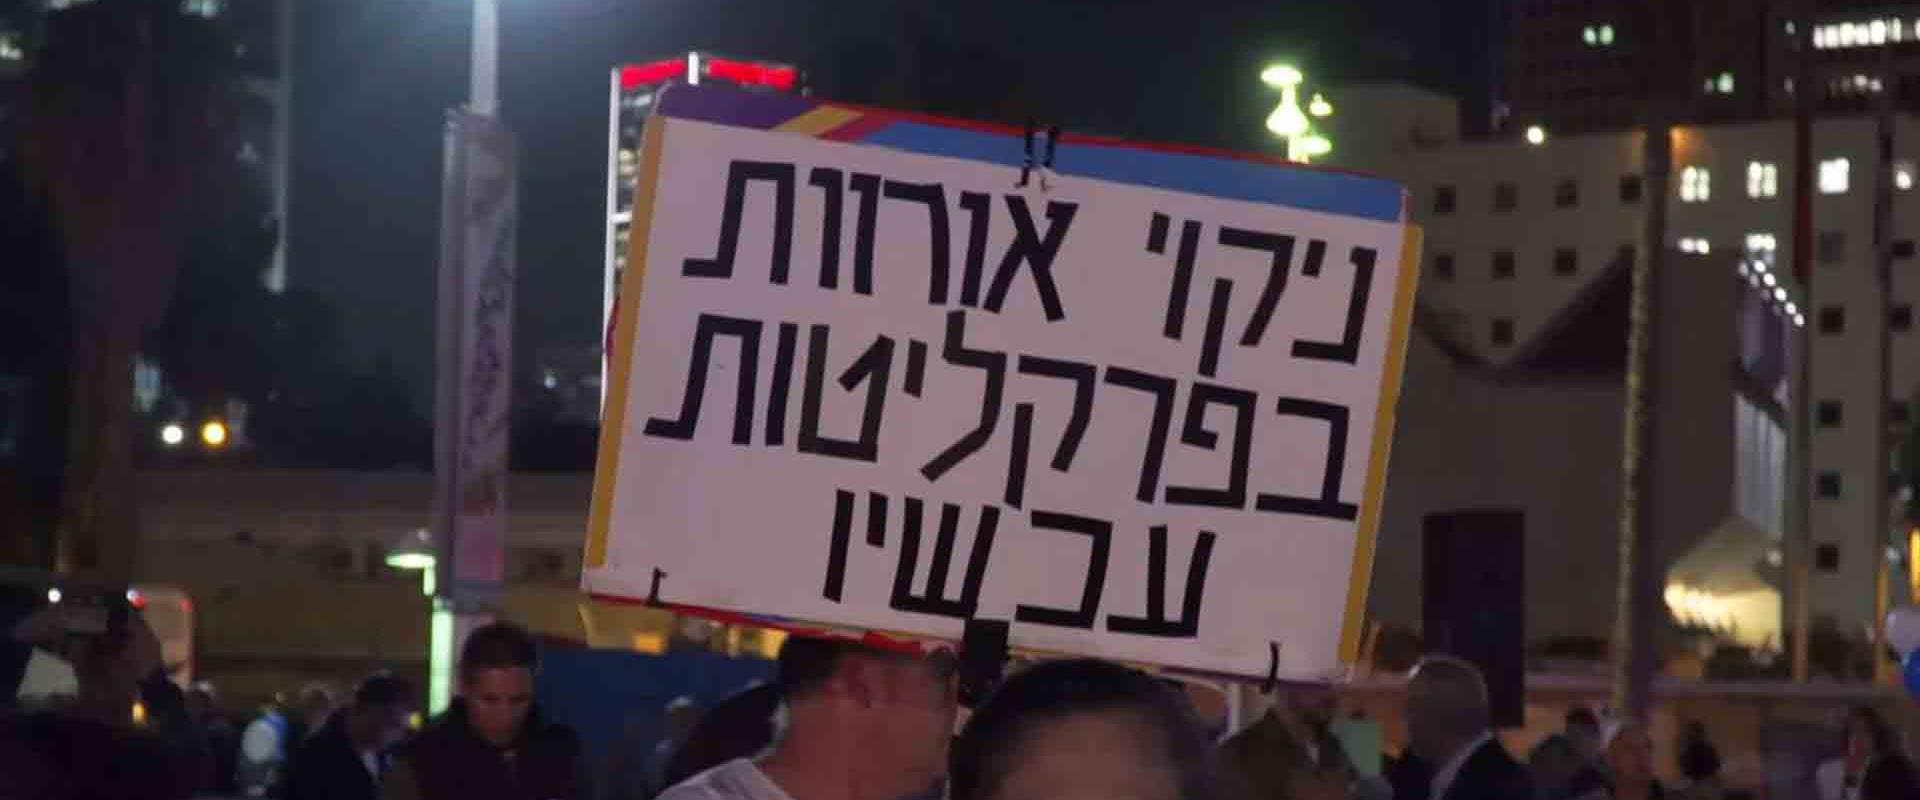 מאחורי הקלעים בהפגנה